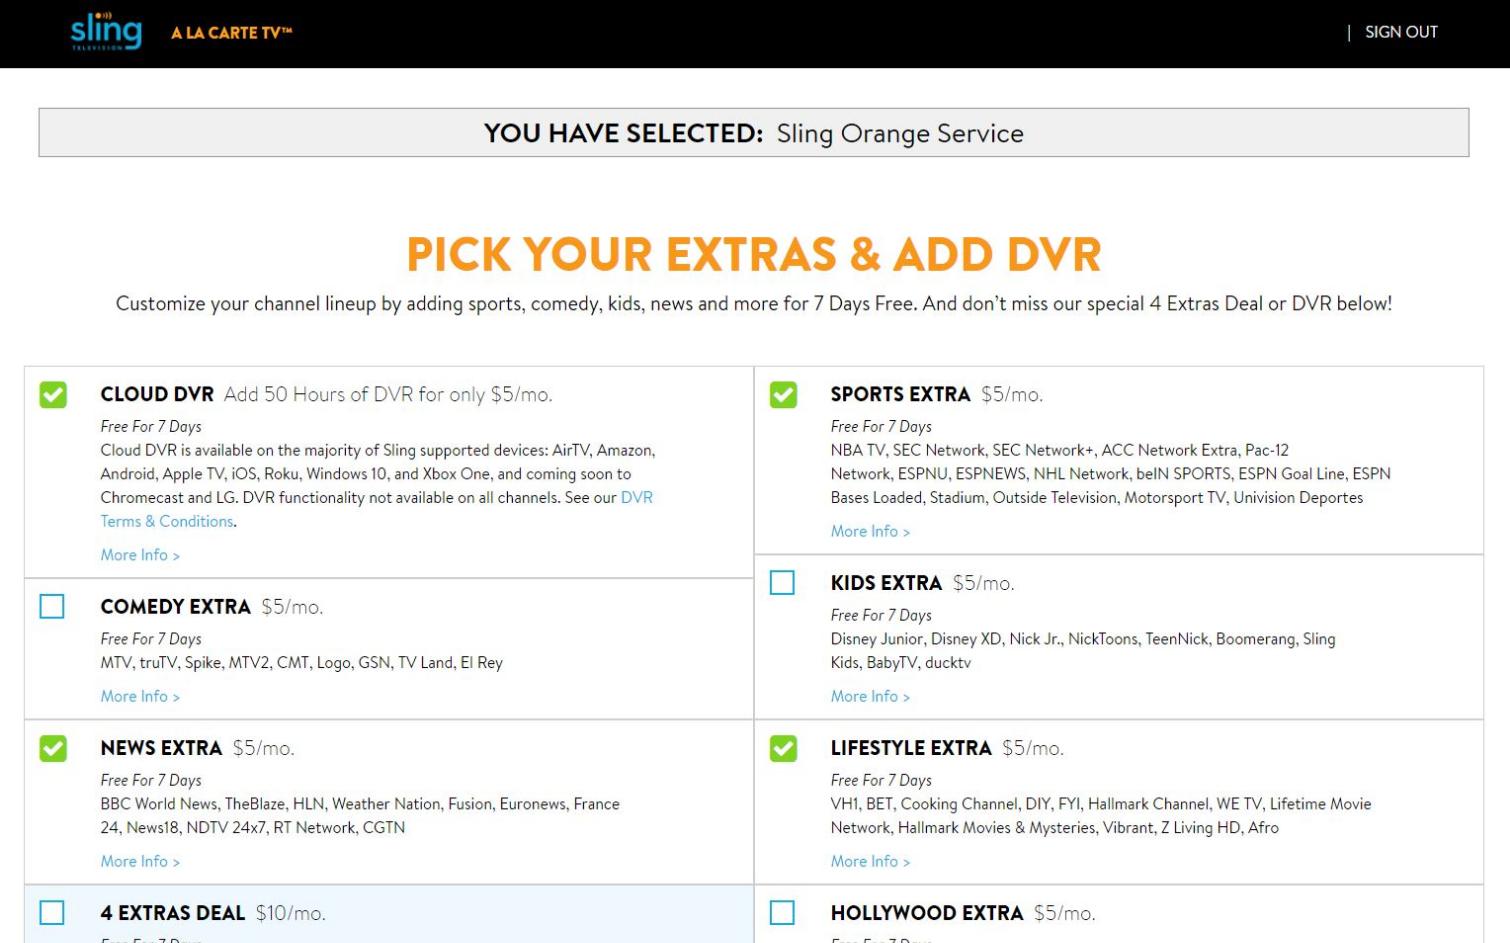 Prueba gratuita de Sling TV: ¿quieres extras?